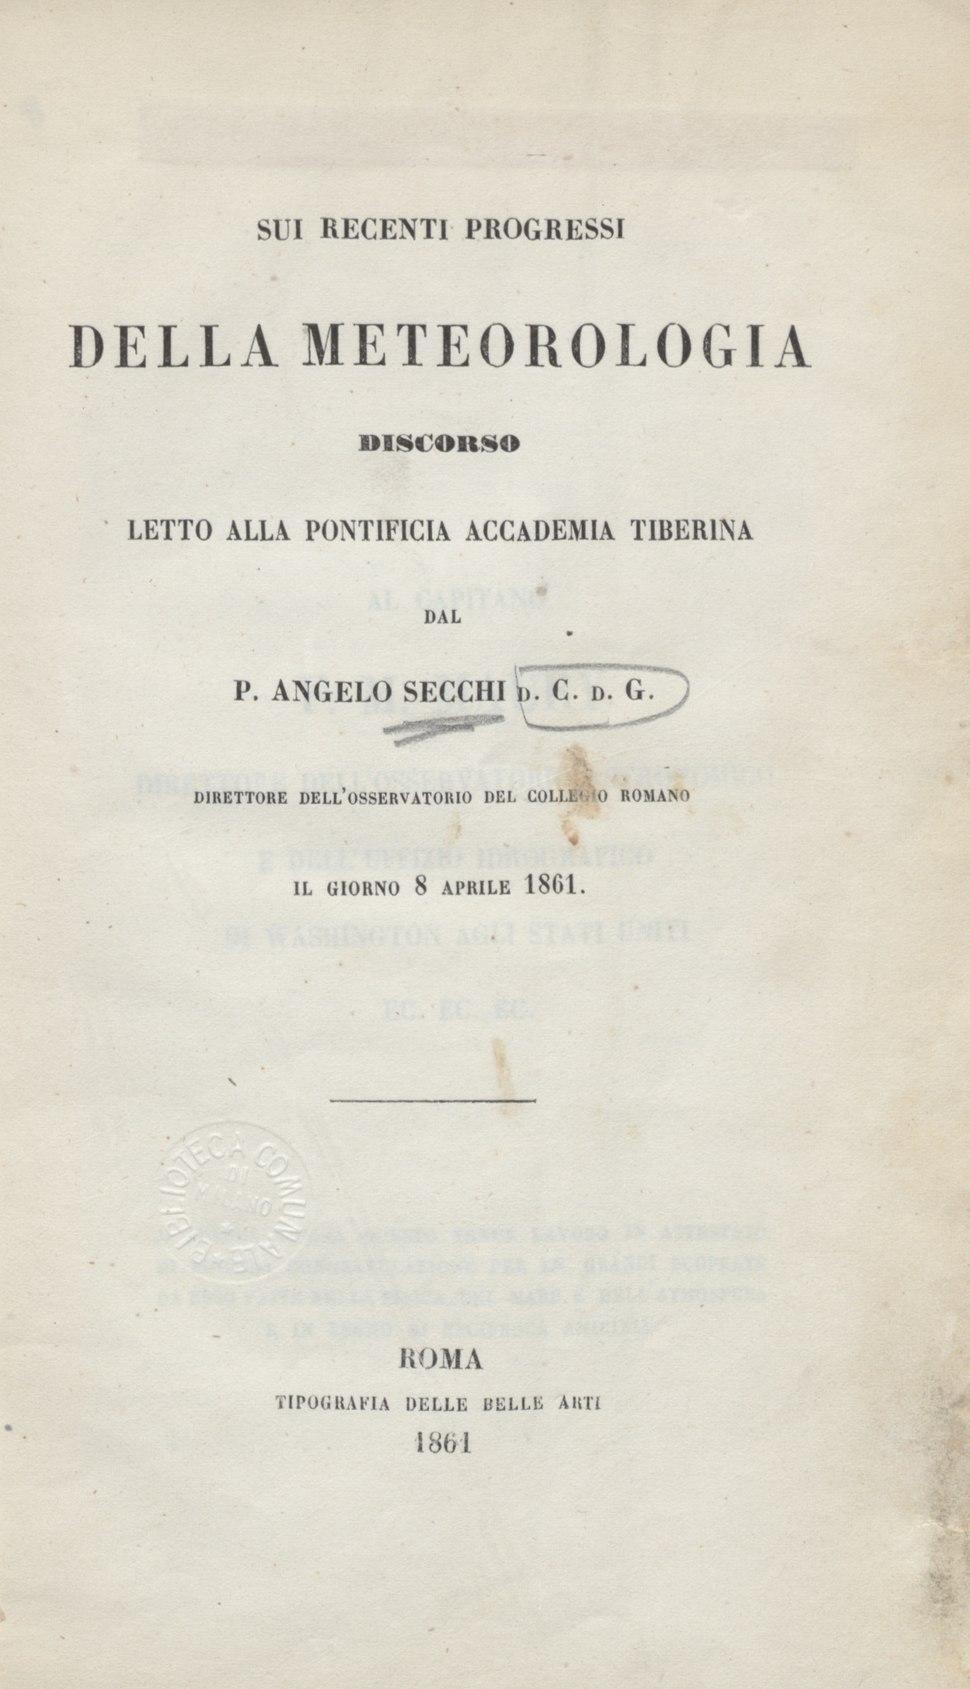 Angelo Secchi – Sui recenti progressi della meteorologia, 1861 - BEIC 6295977